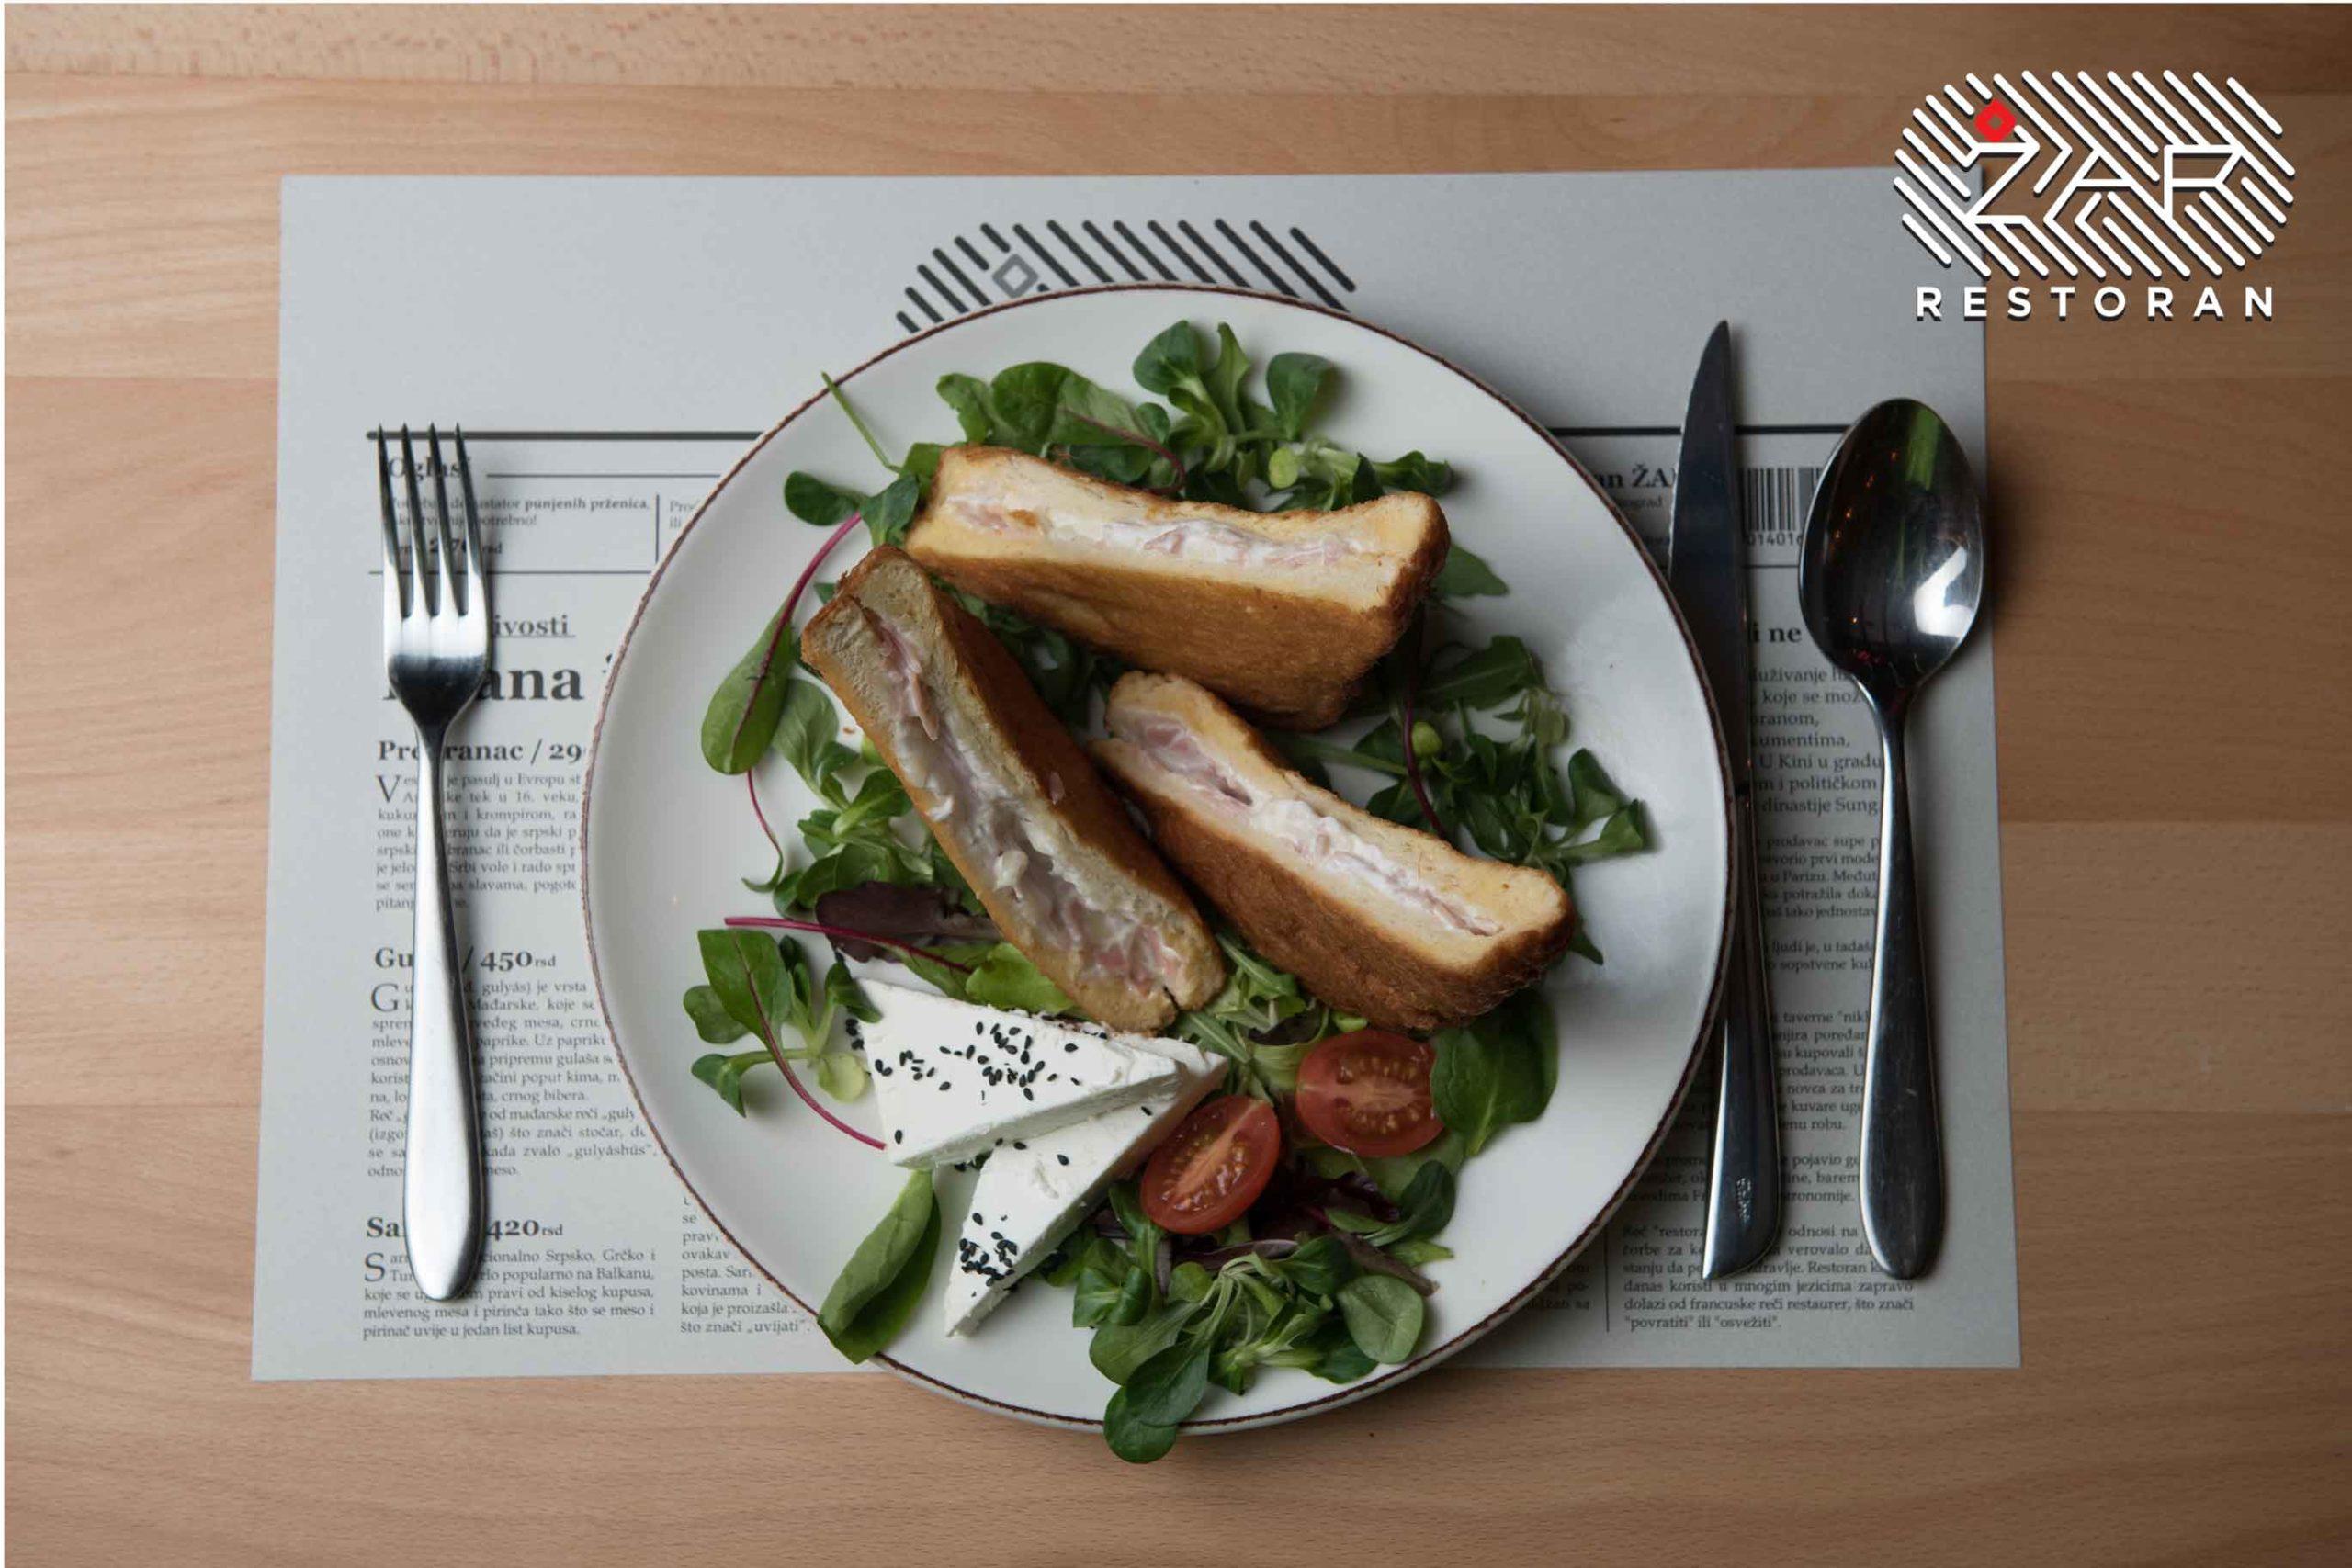 dorucak-punjena-przenica-restoran-zar